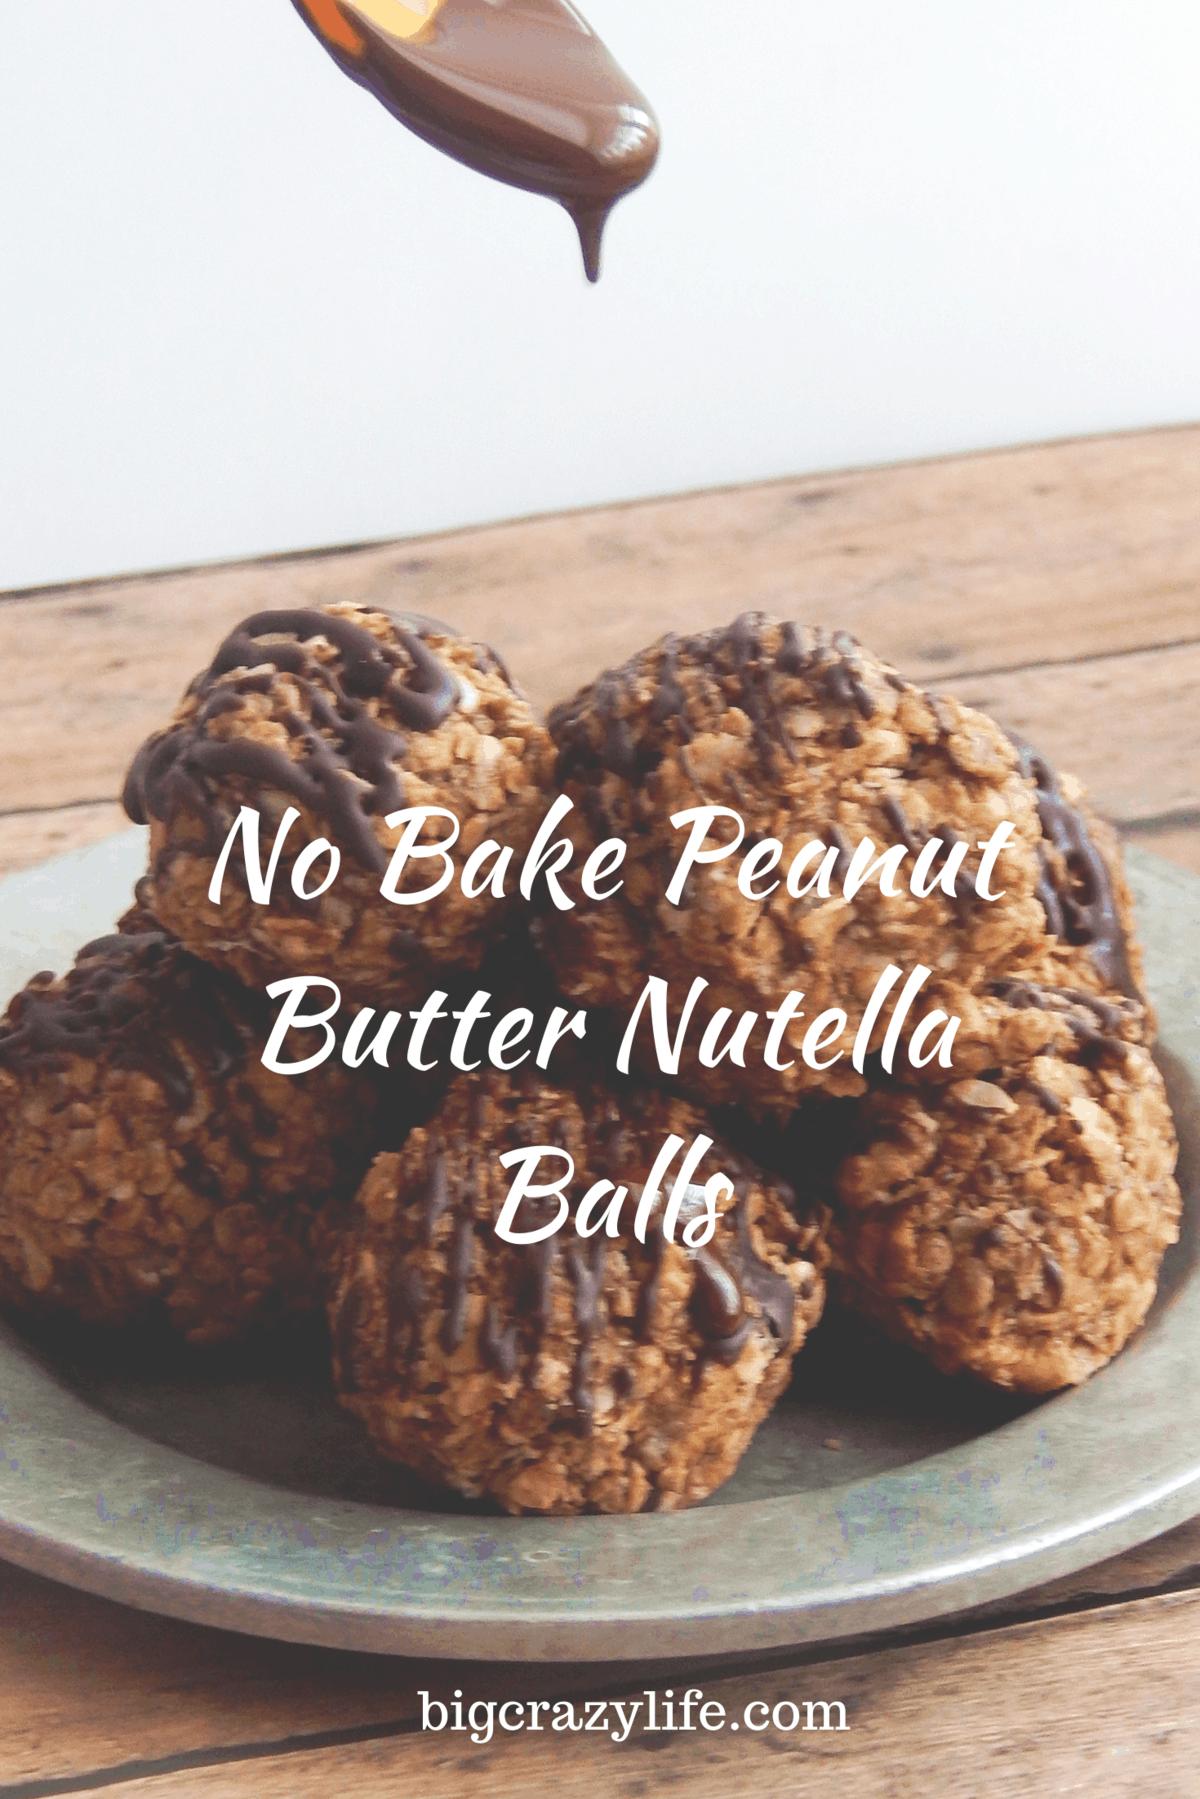 No bake peanut butter Nutella balls